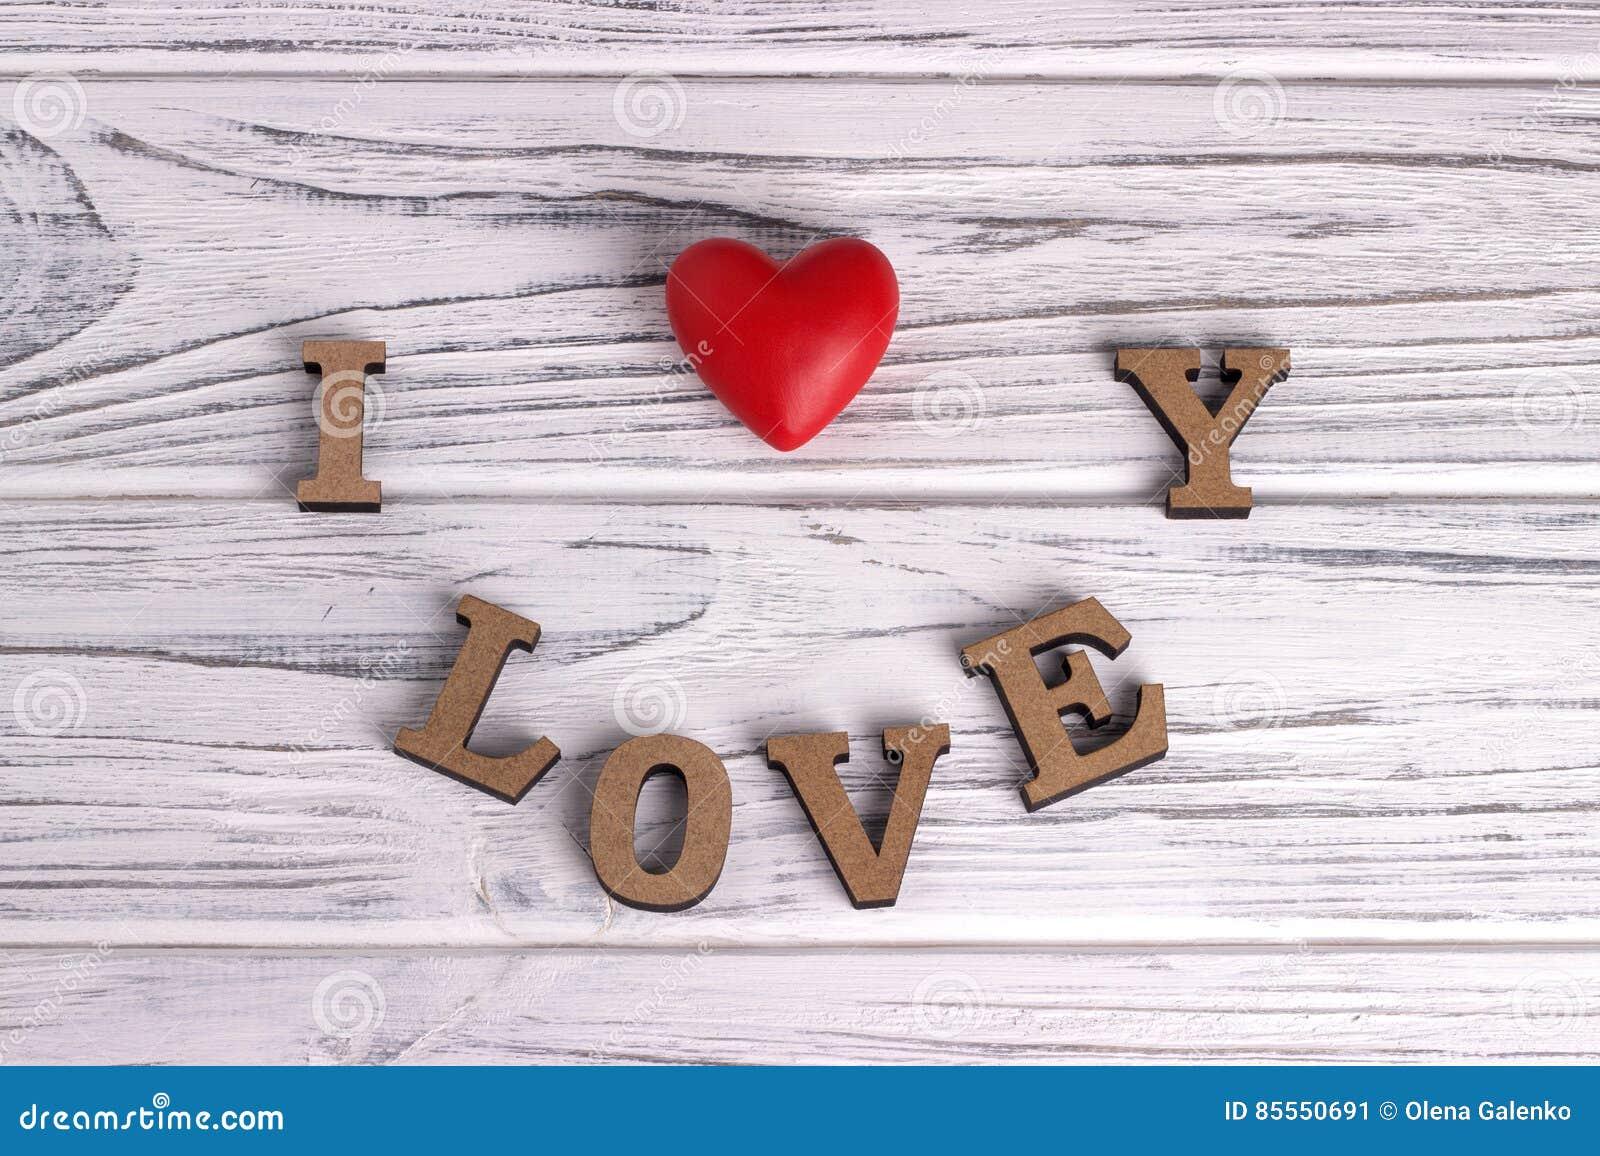 Das rote Herz, das am Weiß hängt, malte rustikalen hölzernen Hintergrund mit ich liebe dich beschriften